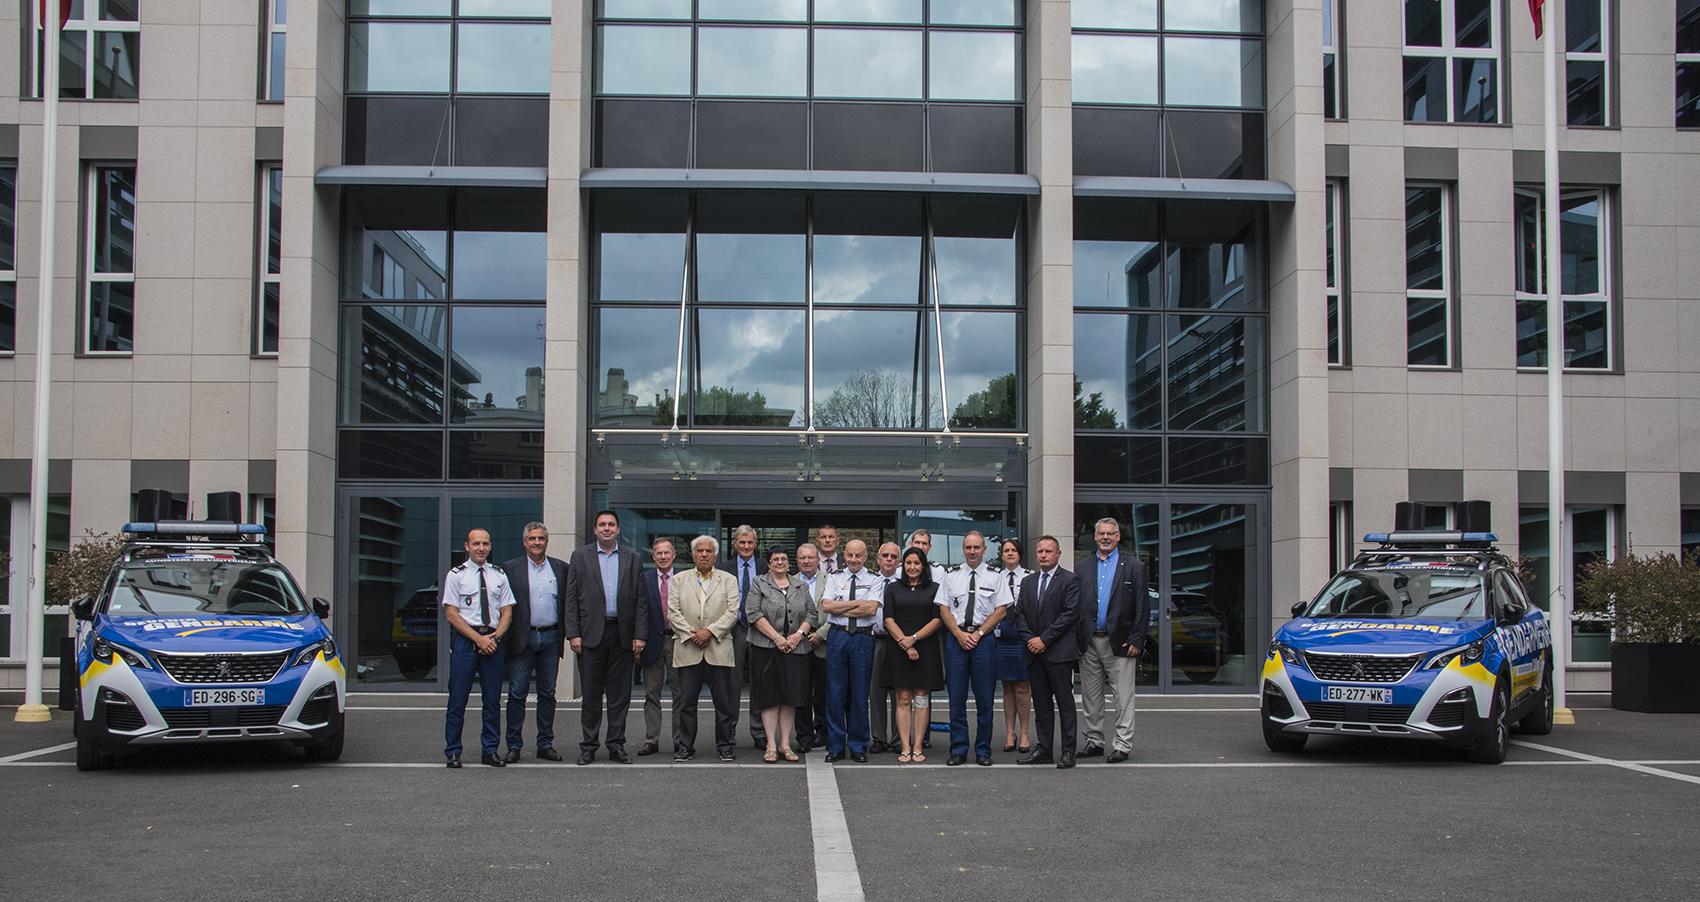 LAPG Remercie Vivement Le Gnral LIZUREY Directeur De La Gendarmerie Nationale Pour Cette Belle Initiative